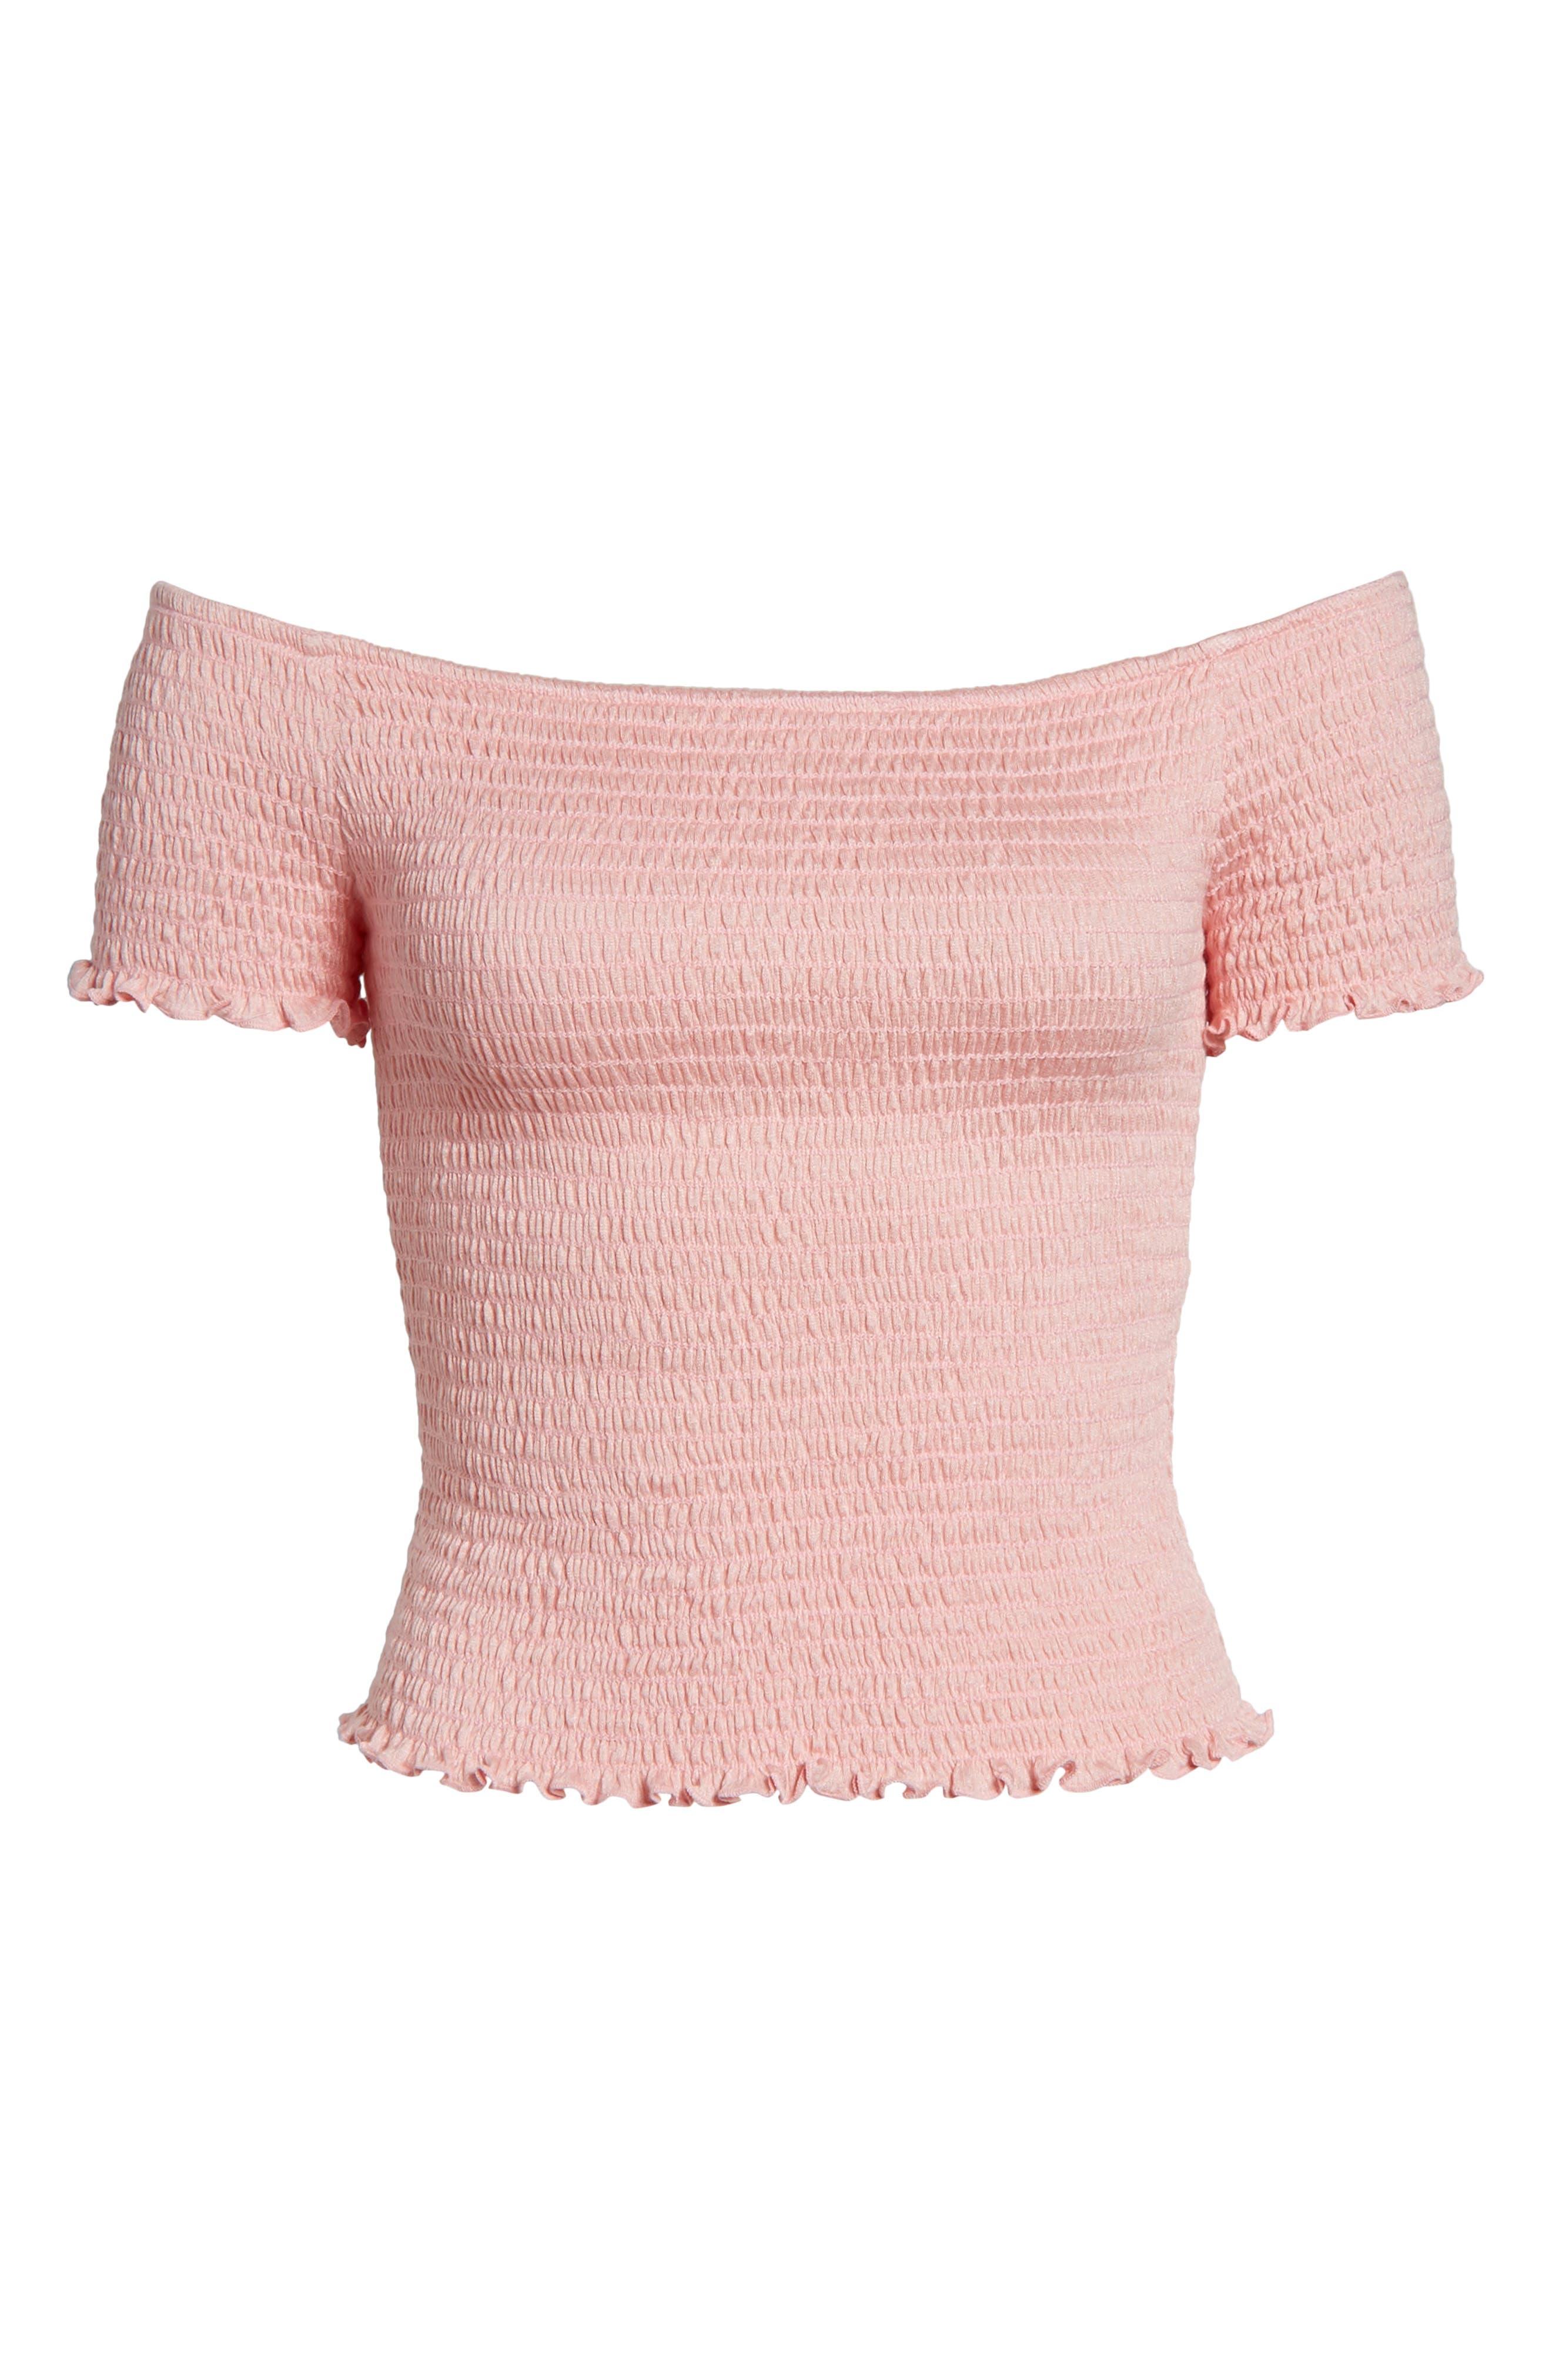 Smocked Off the Shoulder Neckline,                             Alternate thumbnail 7, color,                             Pink